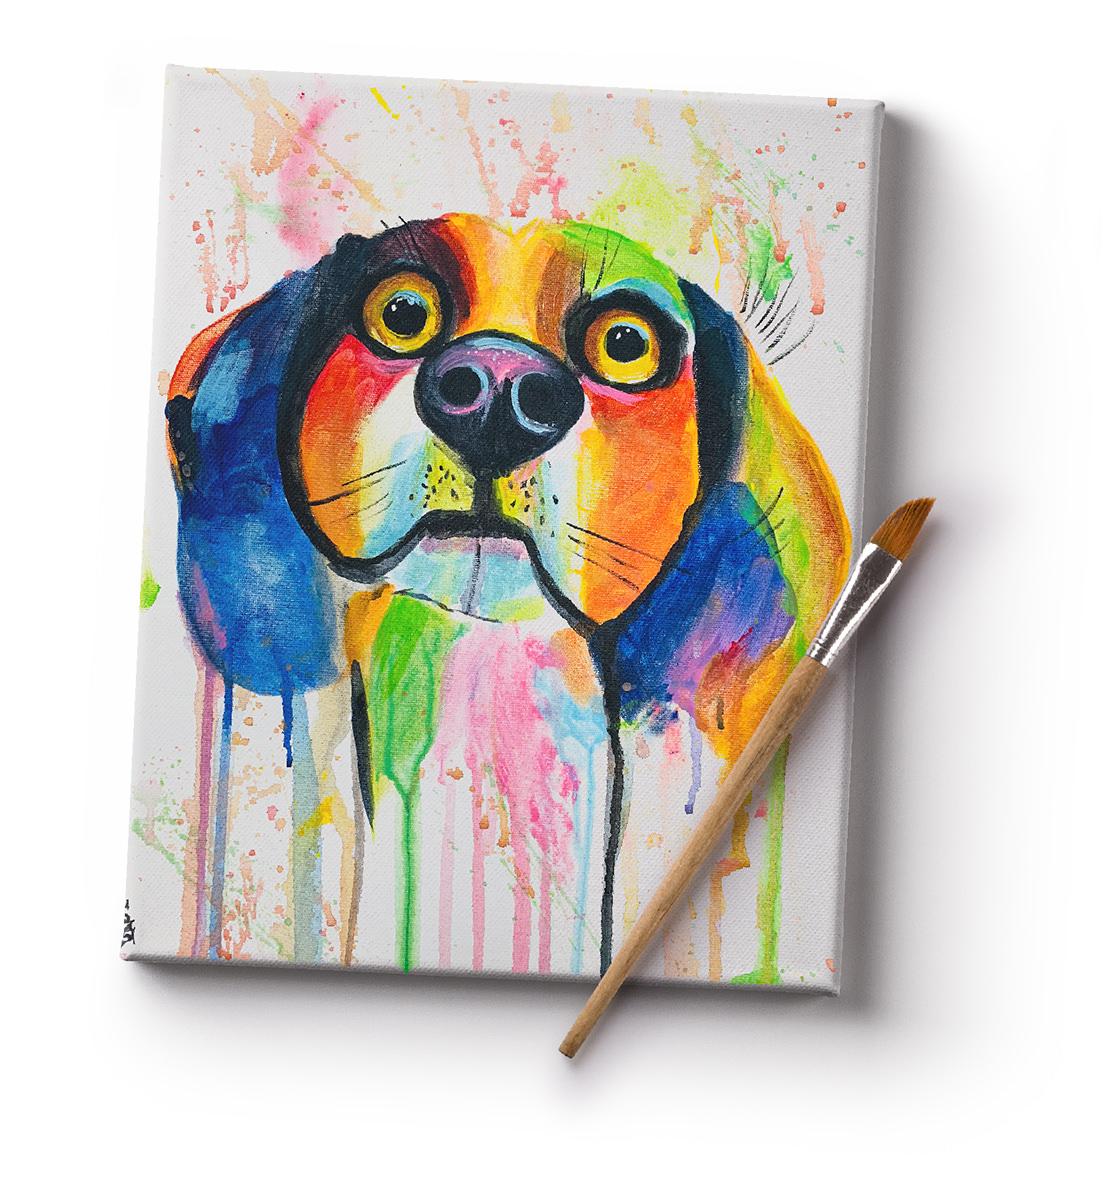 Színes beagle kutya festmény vásznon